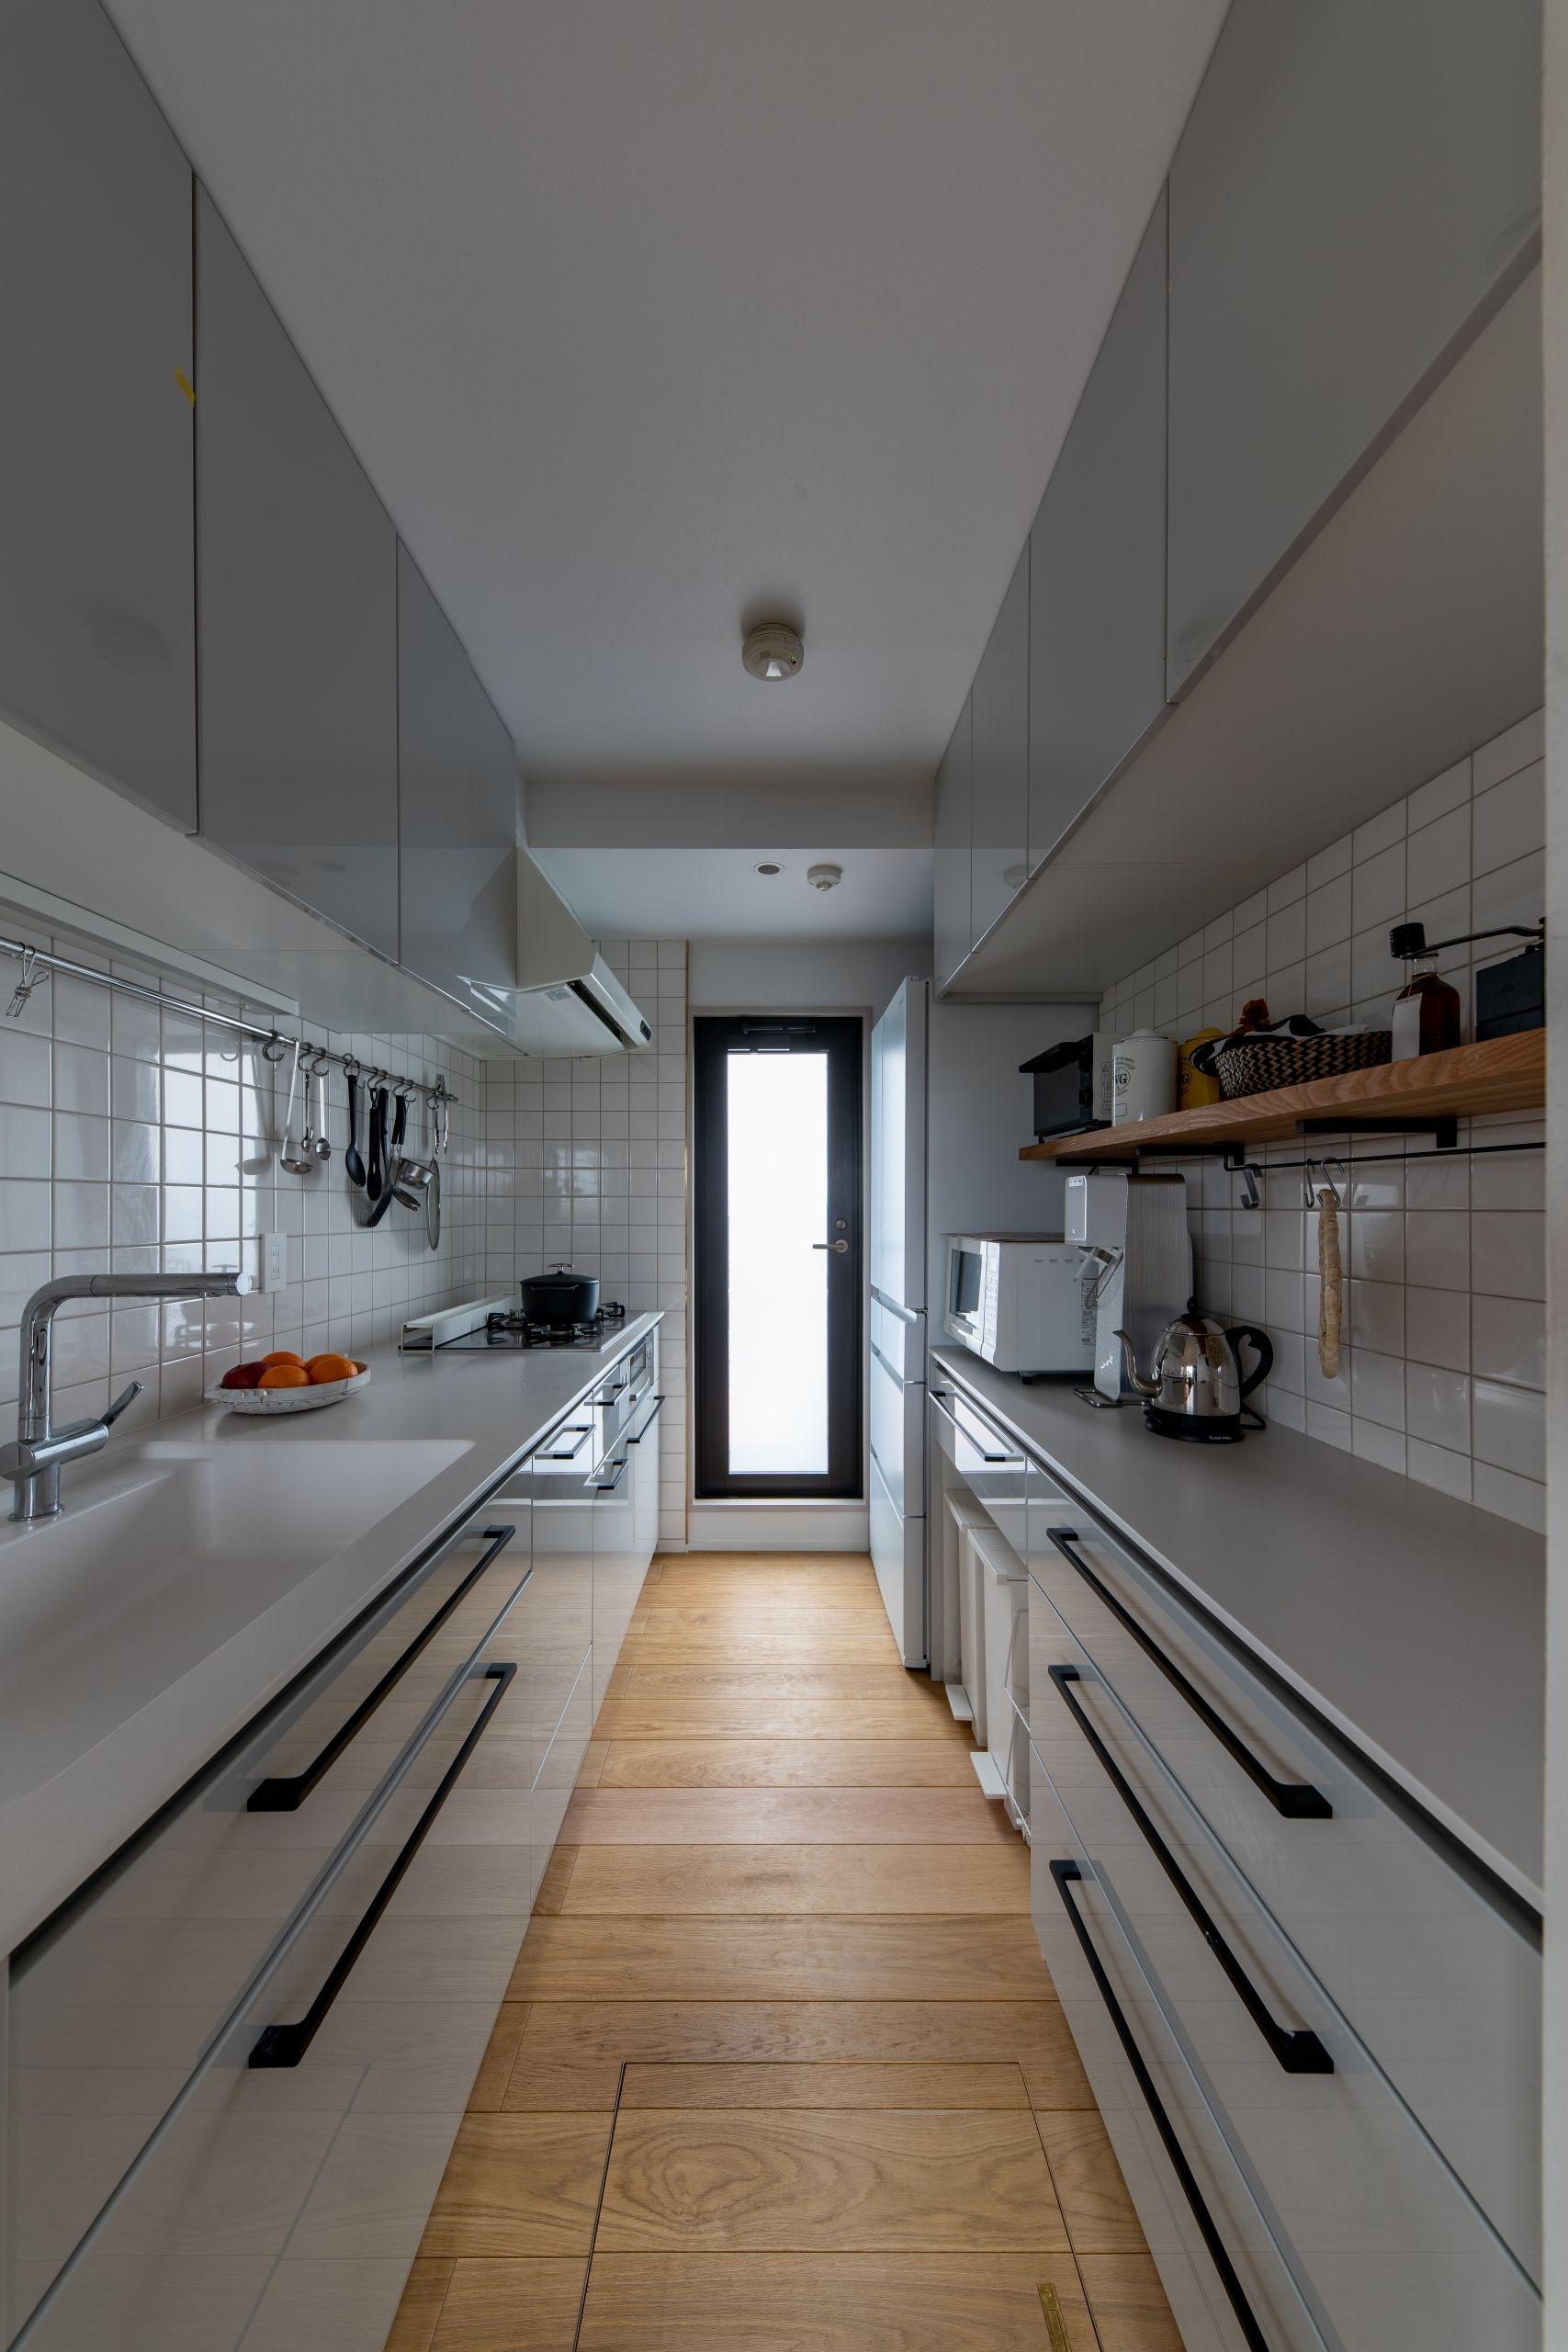 キッチン事例:機能的なキッチン(気配と見通し)